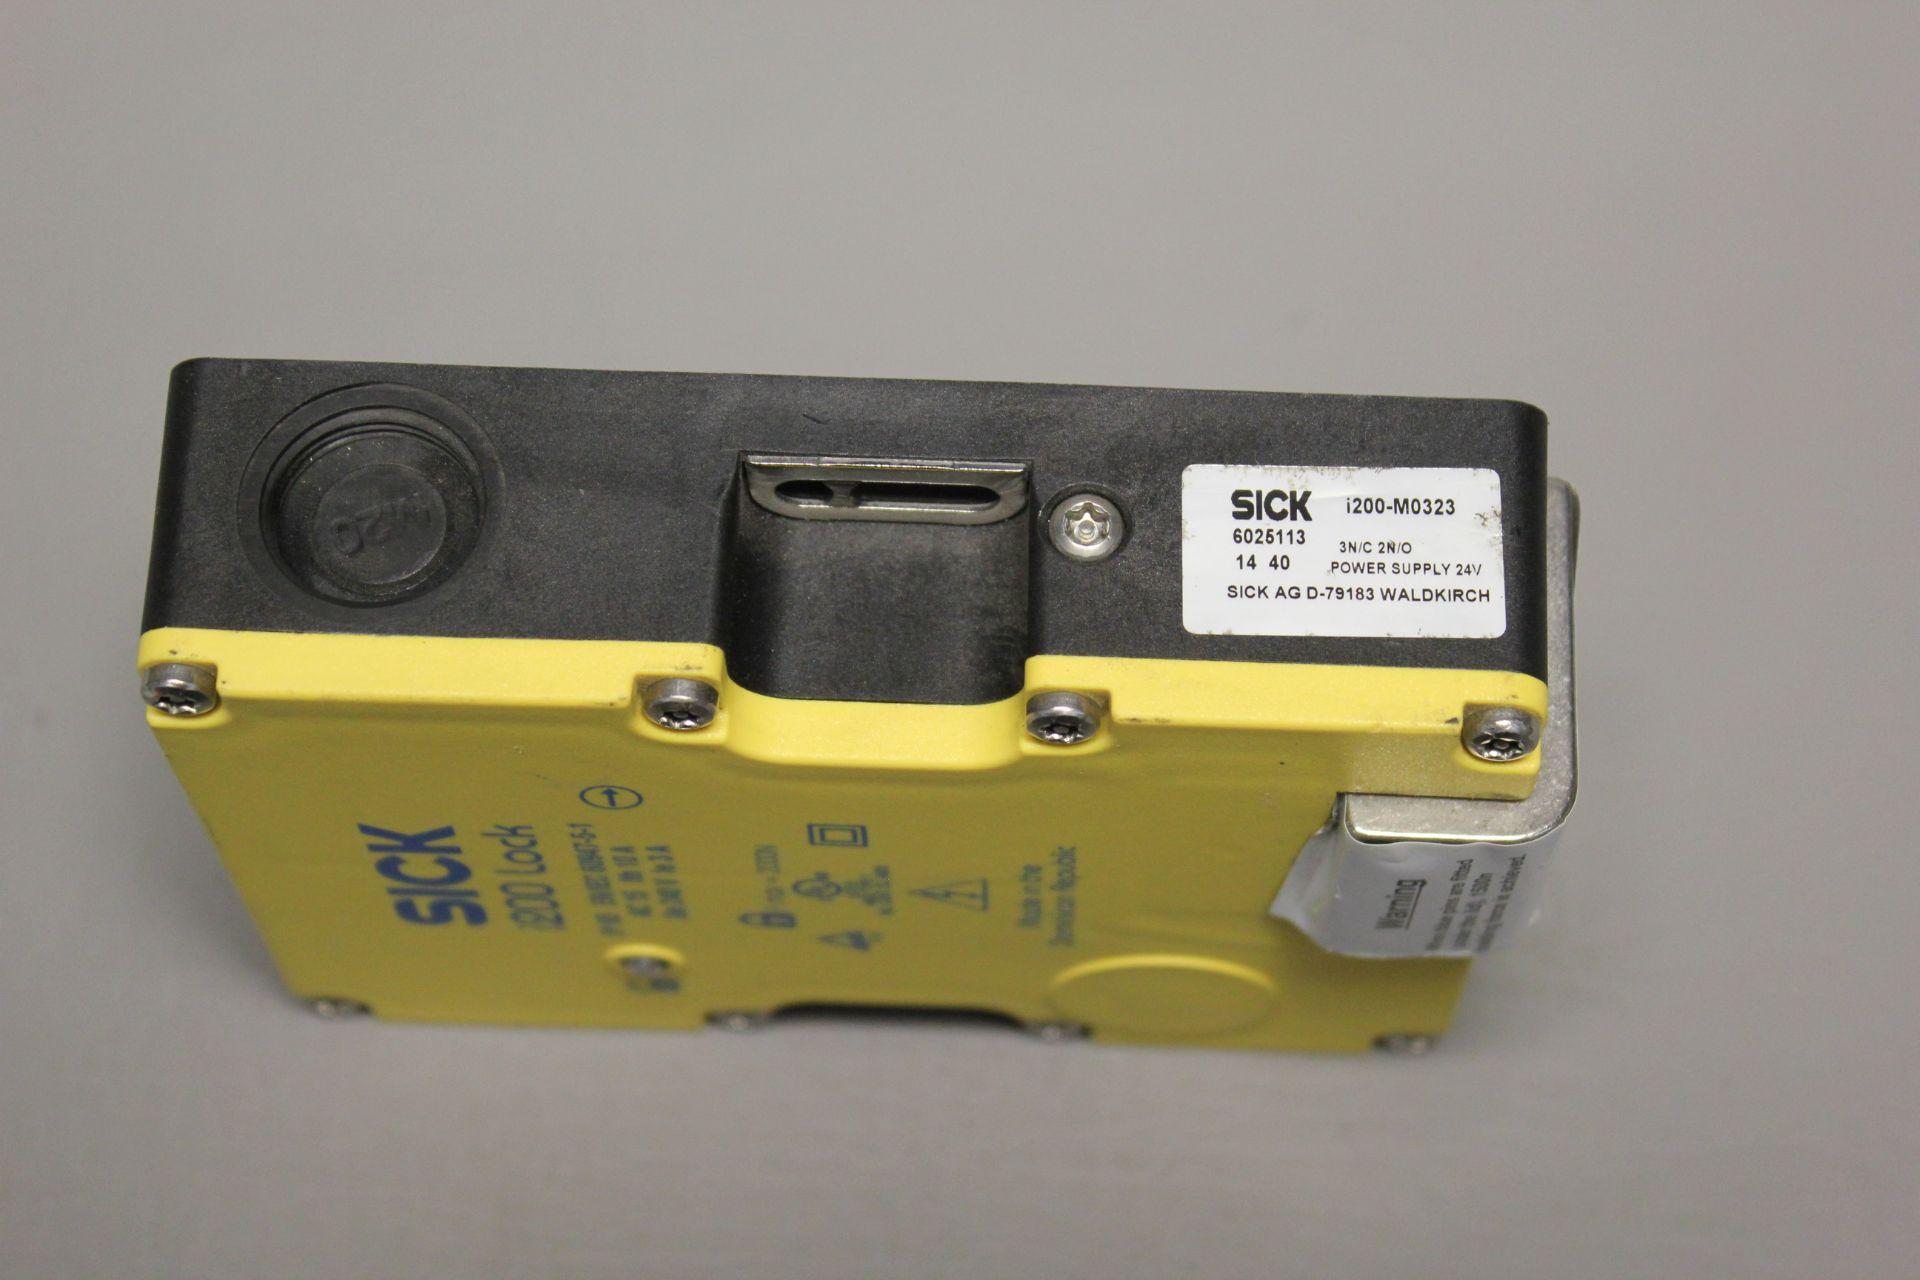 UNUSED SICK i200 SAFETY INTERLOCK SWITCH - Image 3 of 4